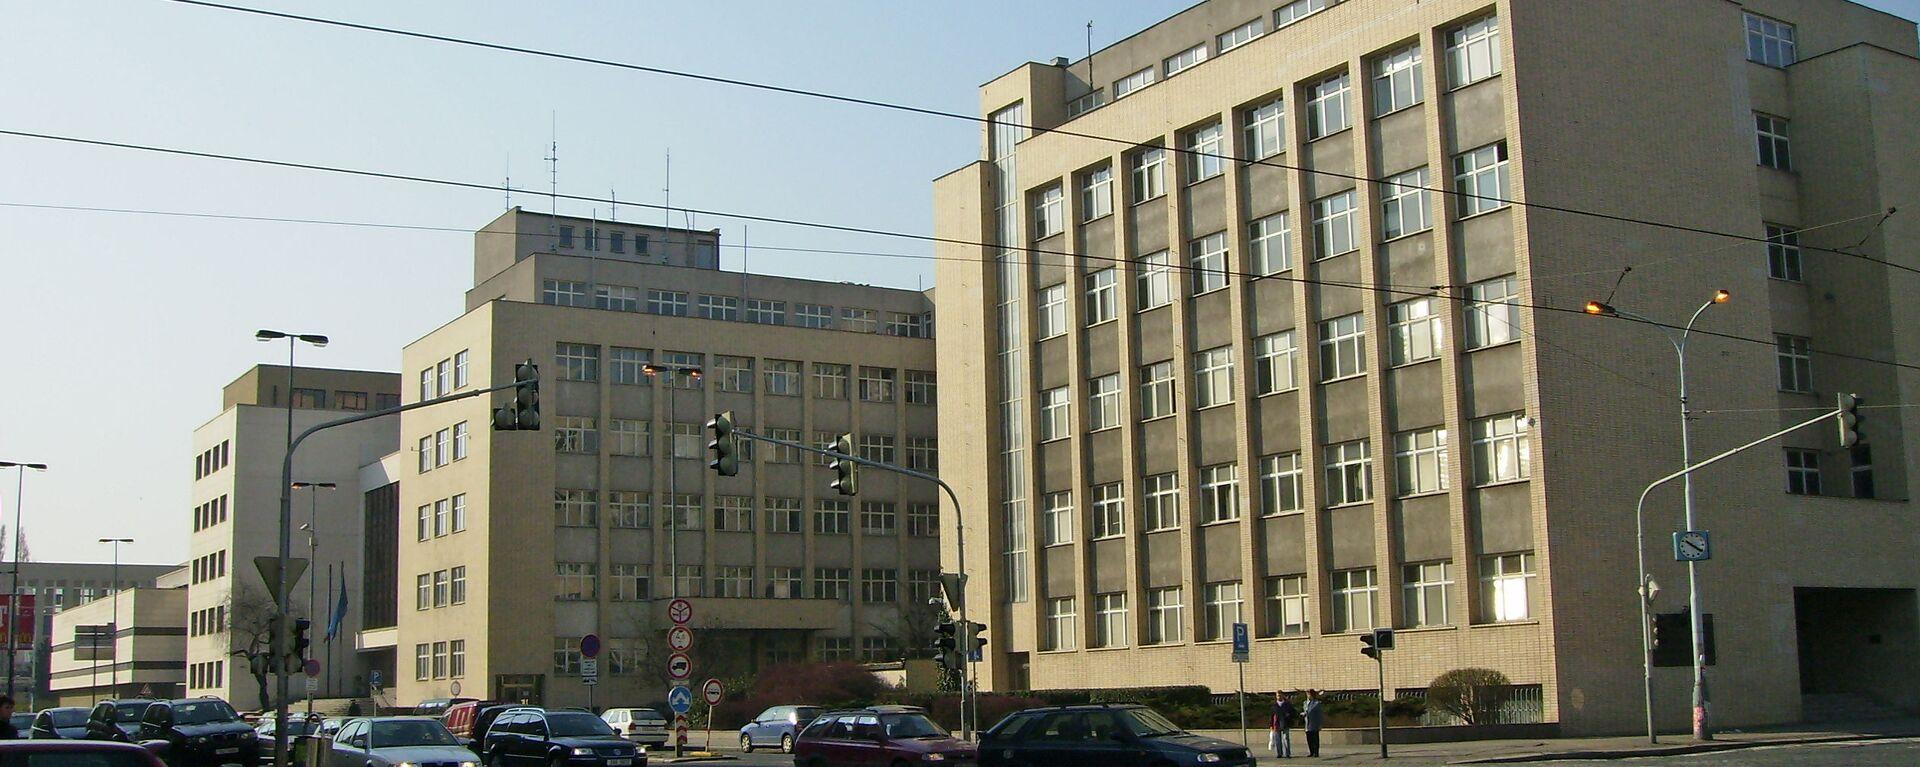 Ministerstvo vnitra ČR - Sputnik Česká republika, 1920, 27.04.2021